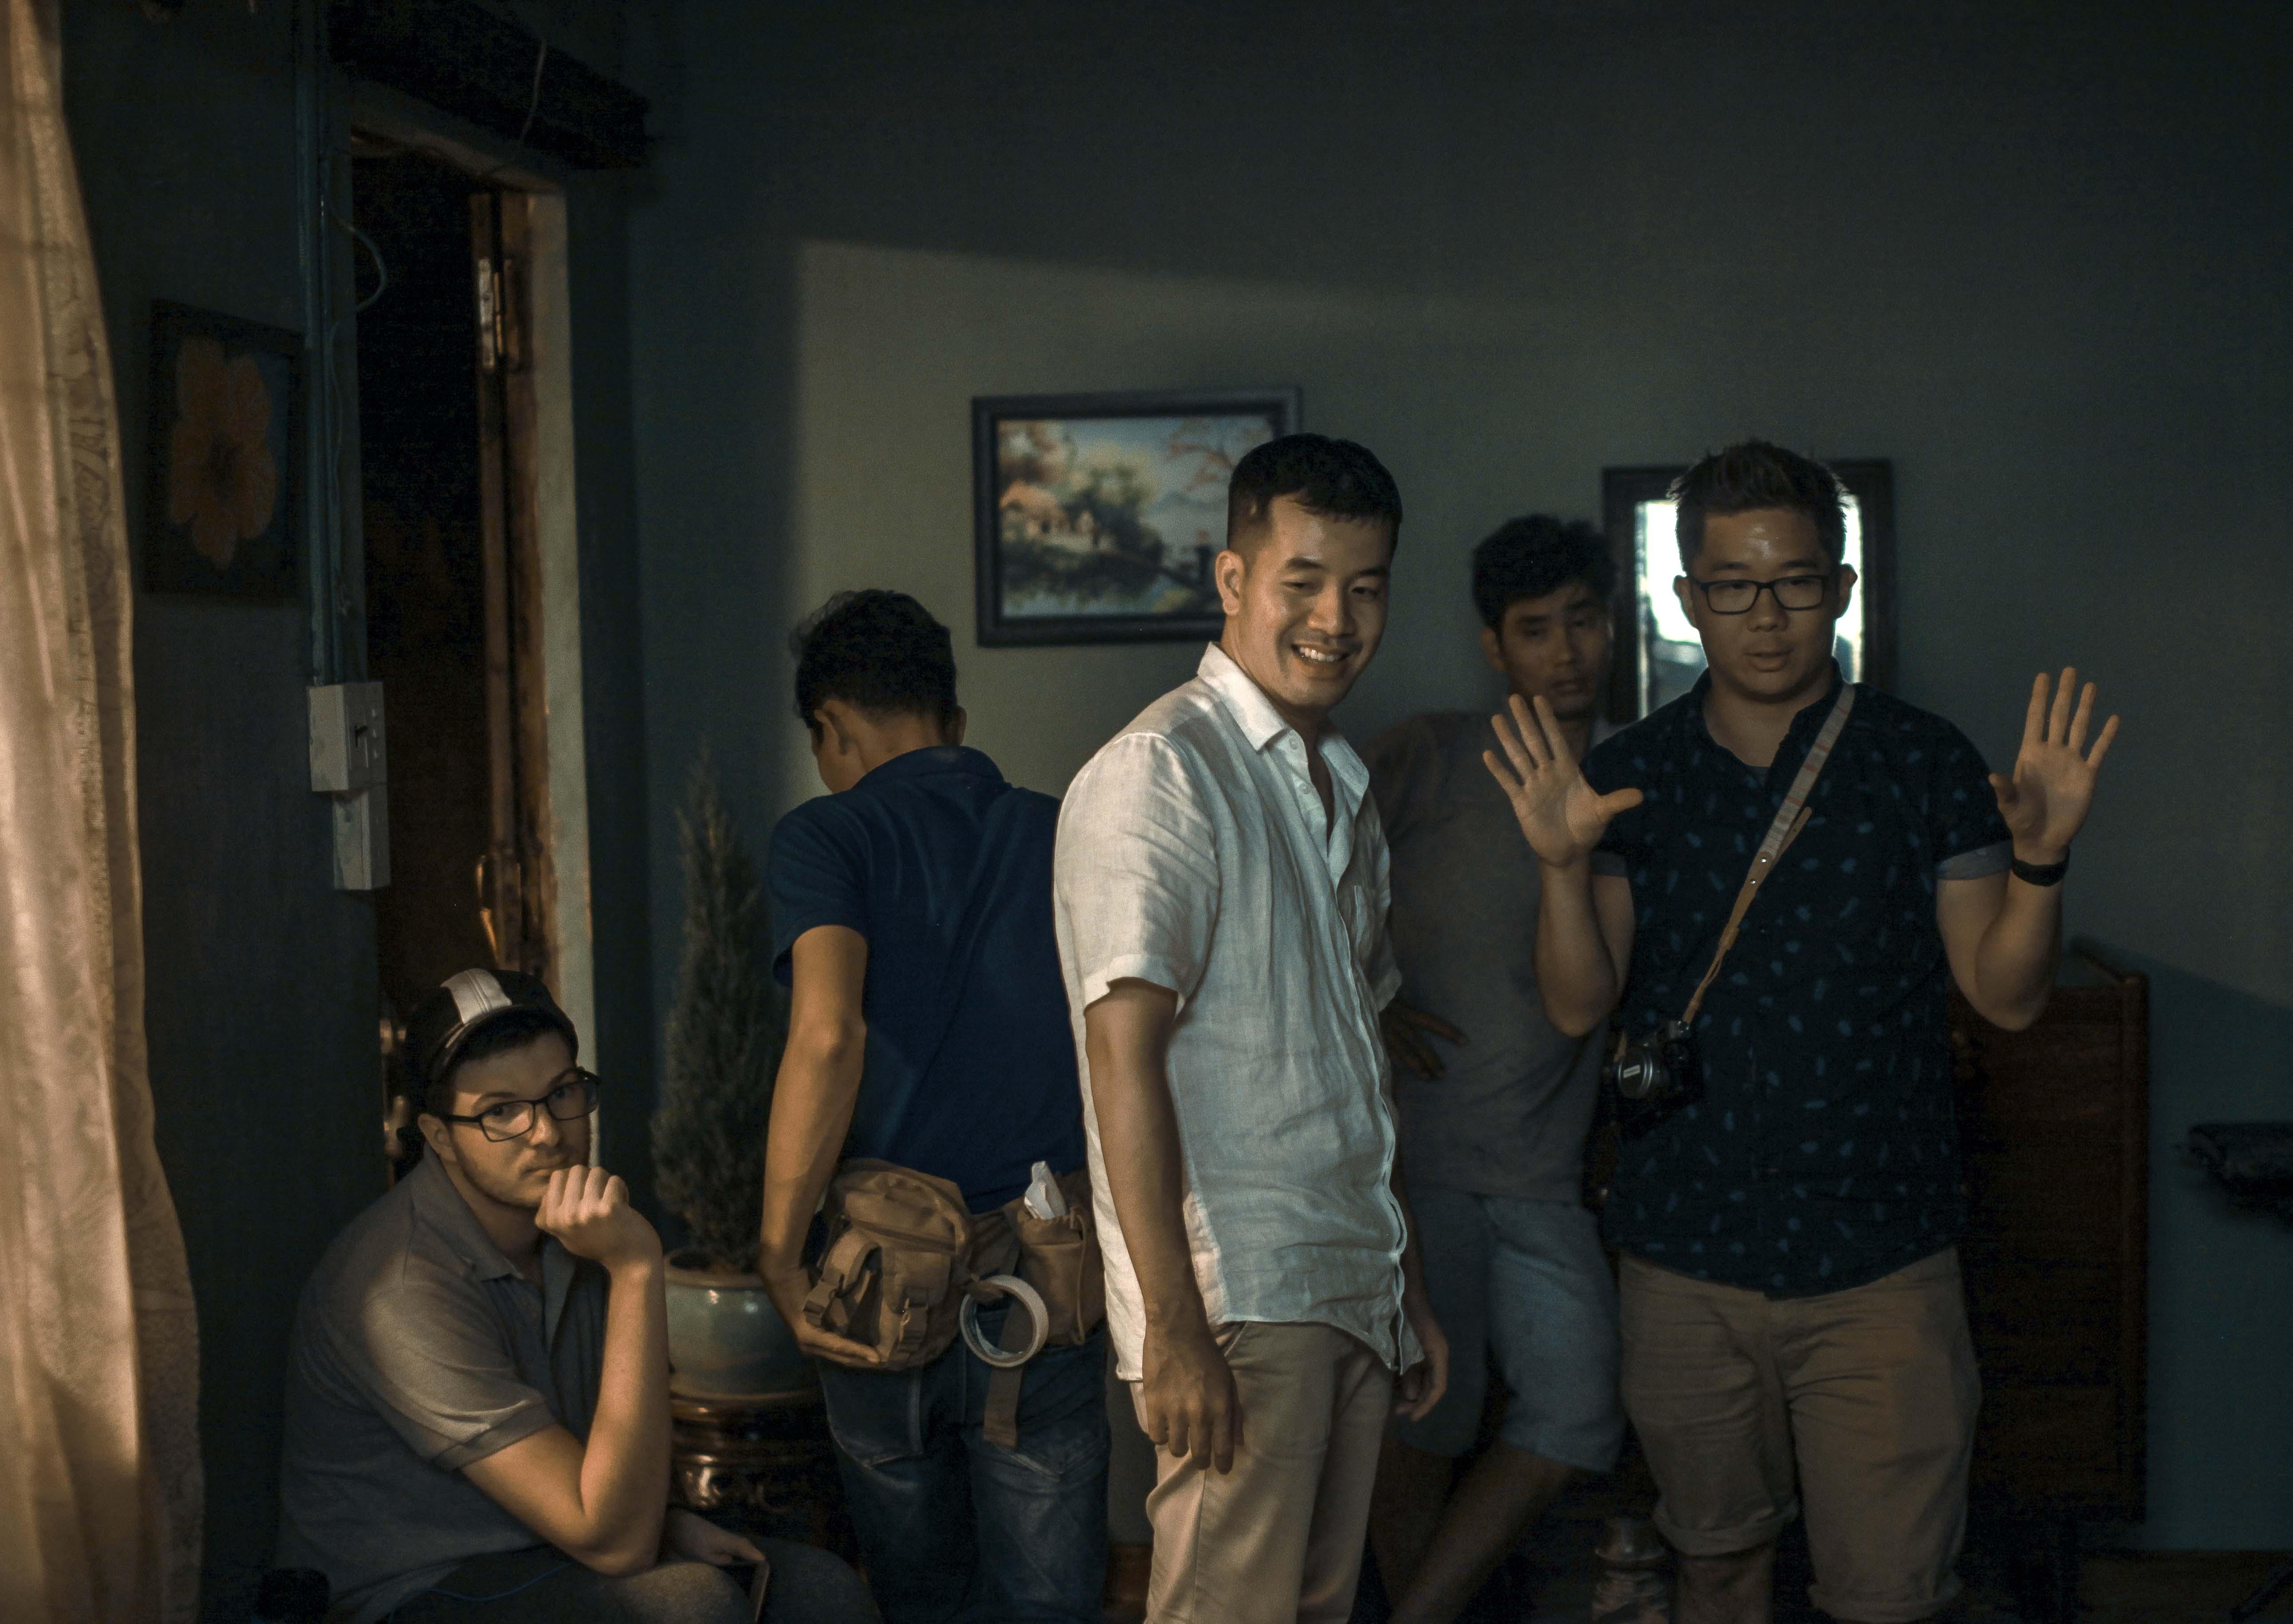 đạo diễn Trịnh Đình Lê Minh trong phim Thưa mẹ con đi